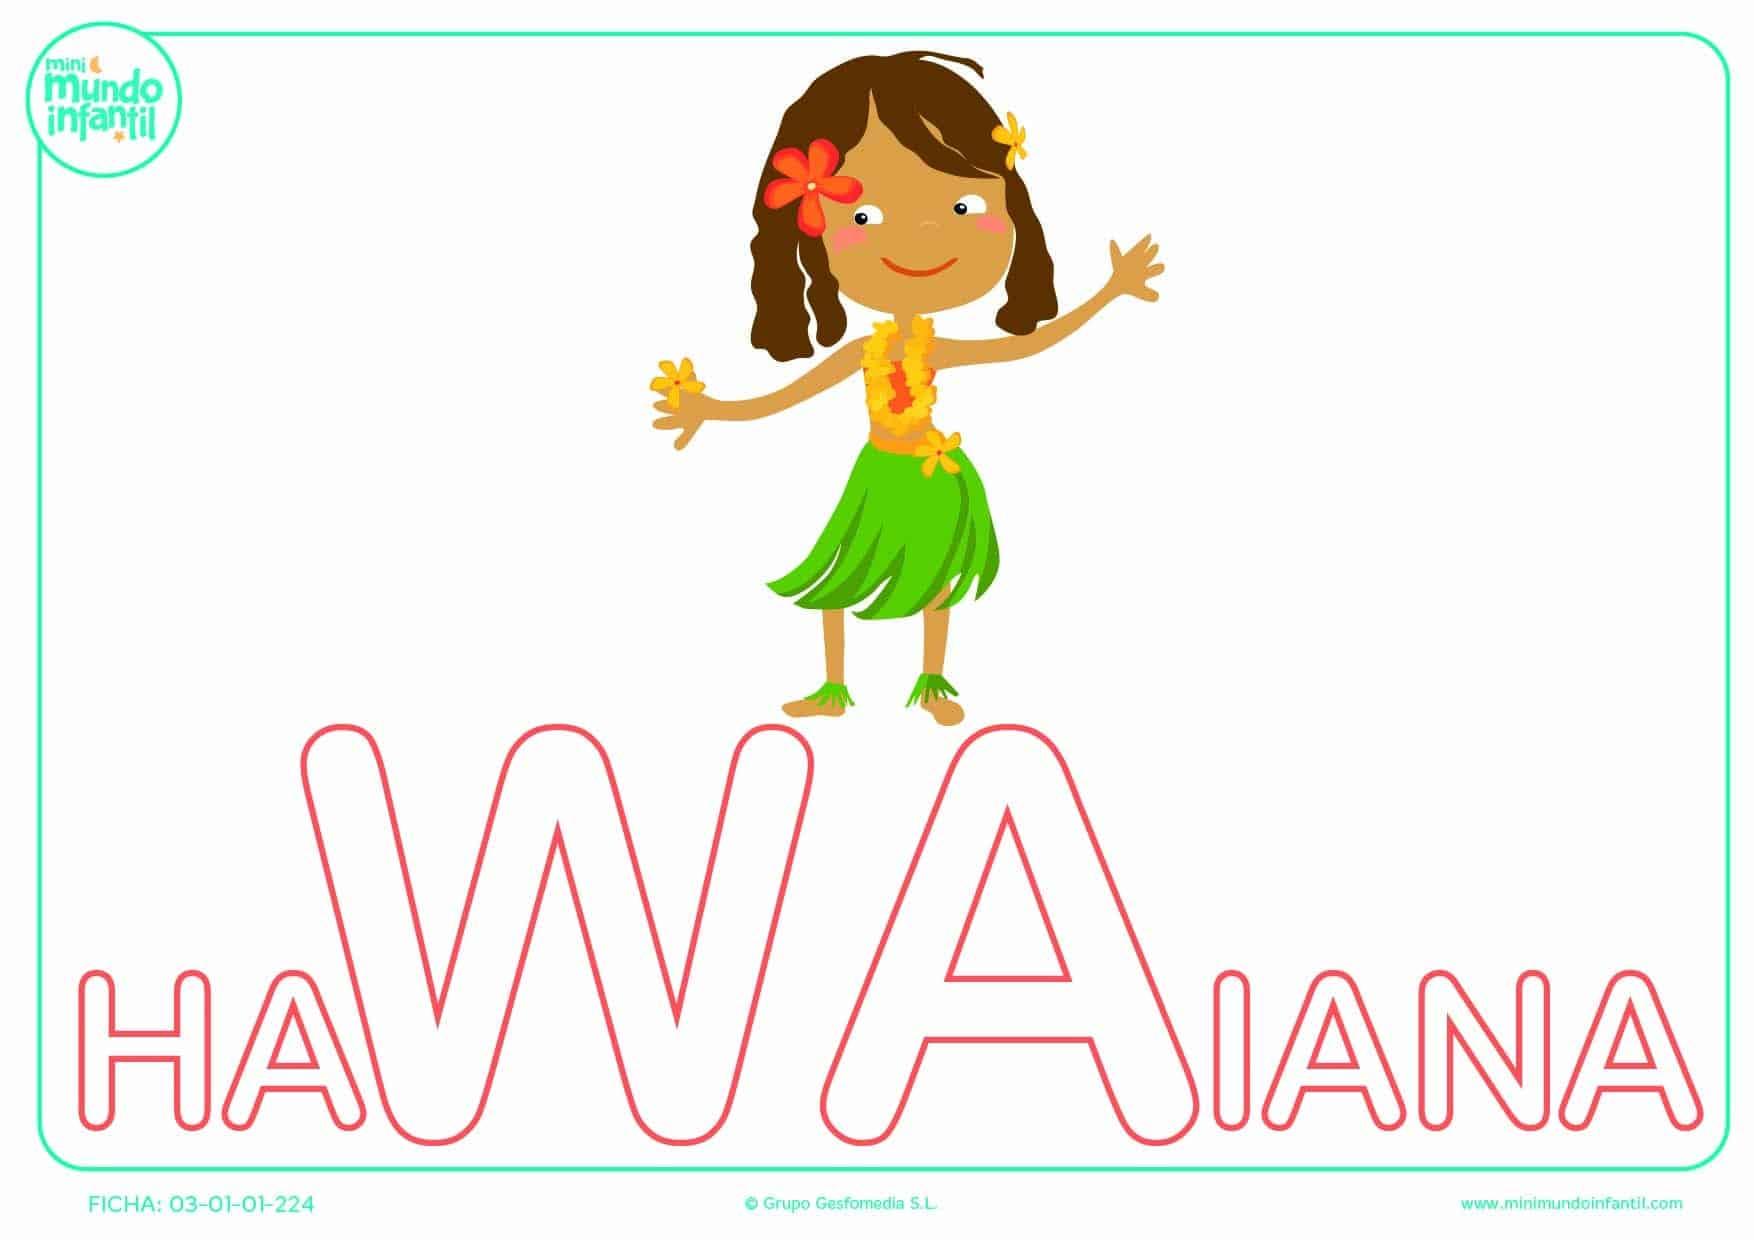 Completar la sílaba WA de hawaiana en mayúsculas